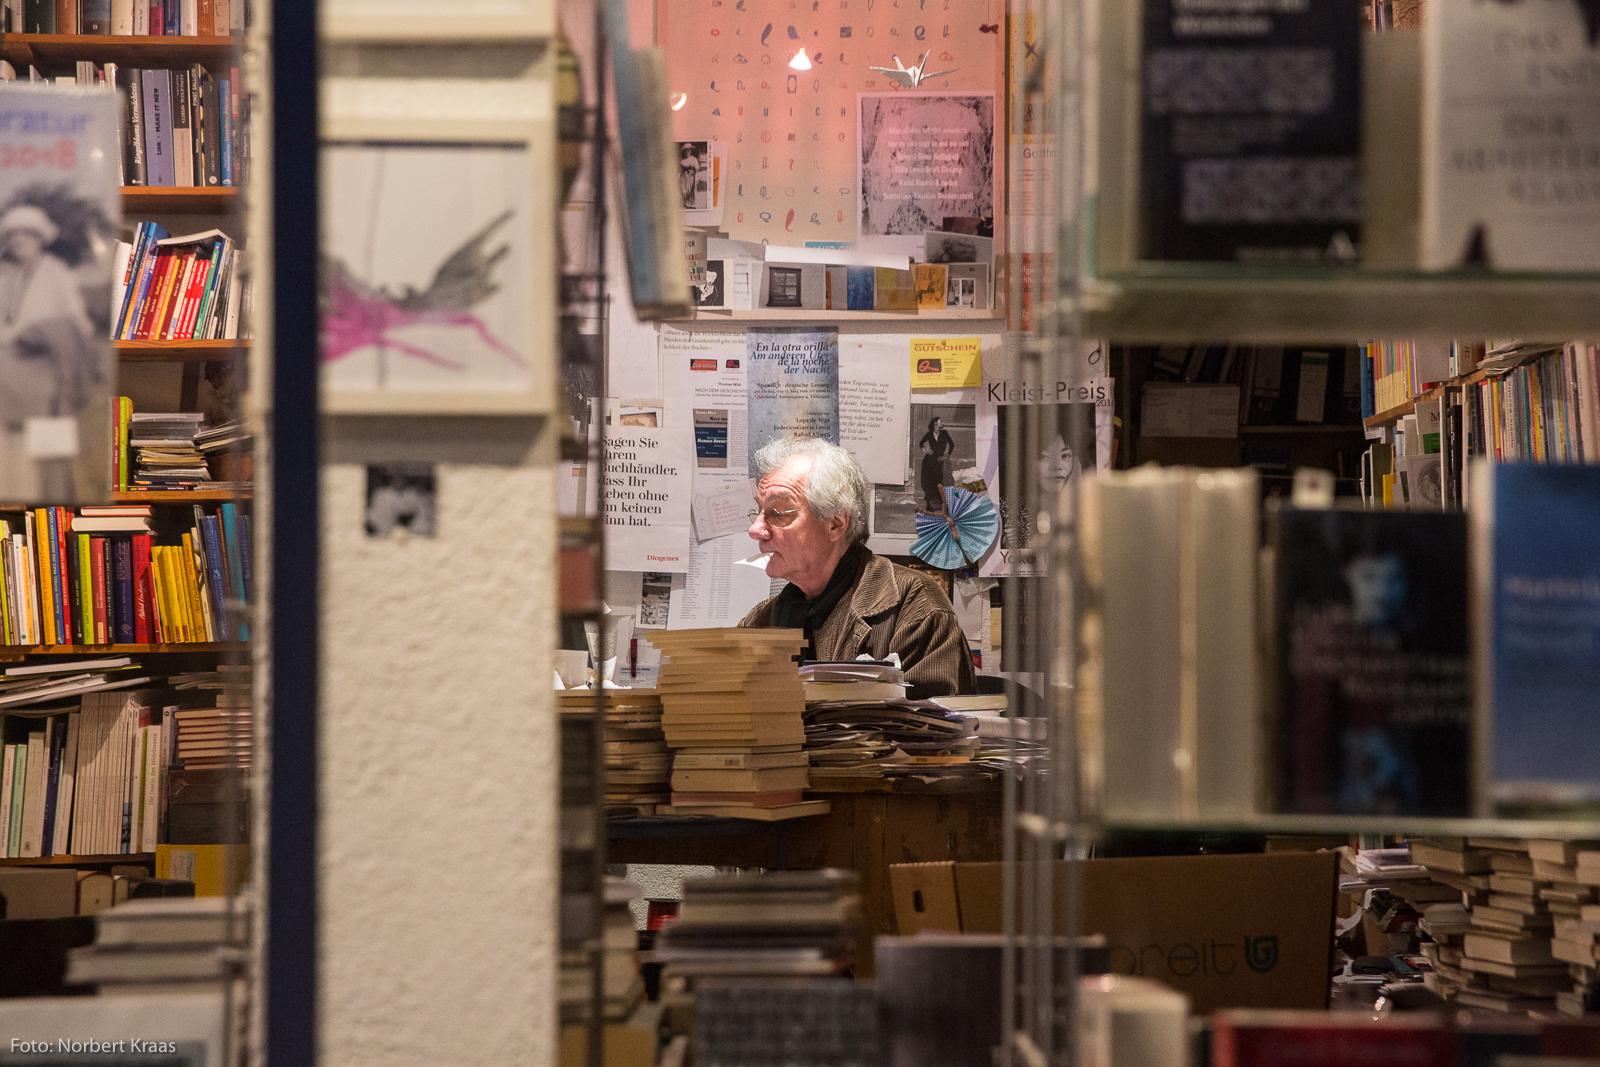 2017 wurde Wolfgang Zwierzynskis Quichotte als hervorragende Buchhandlung ausgezeichnet